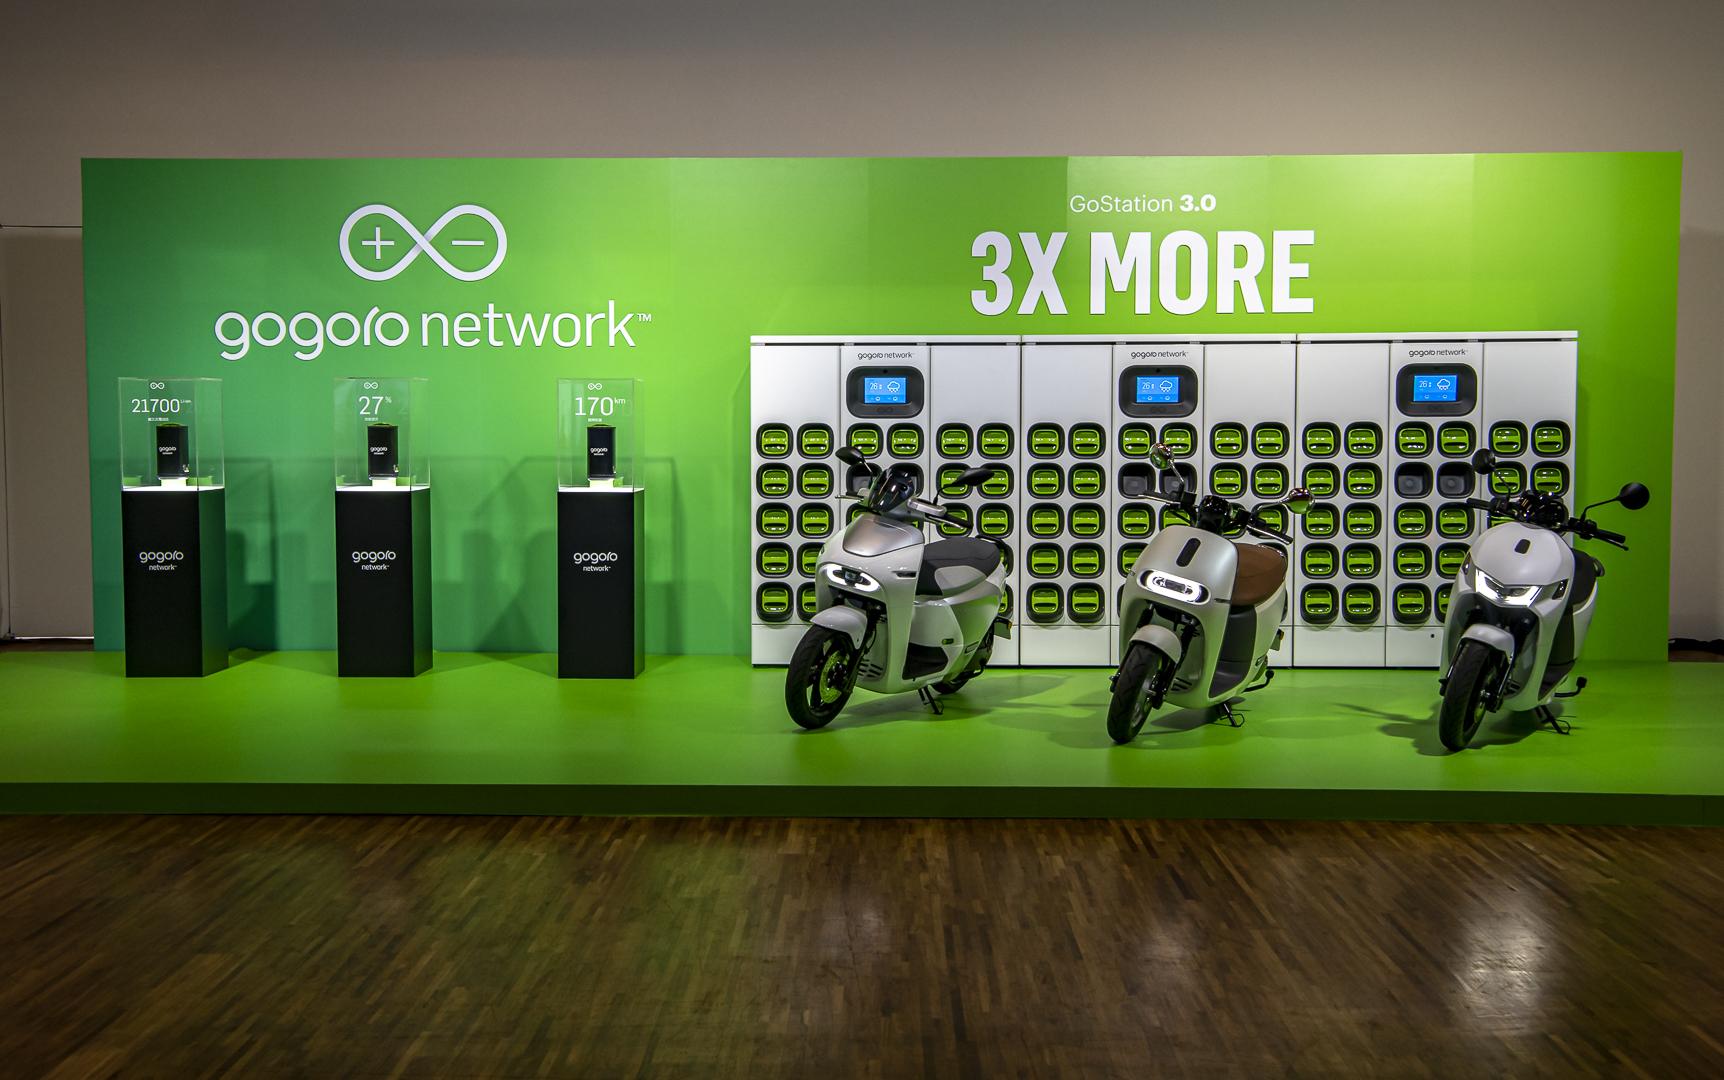 第三代換電站GoStation 3.0登場,並推出Gogoro Network「自由省」電池資費方案